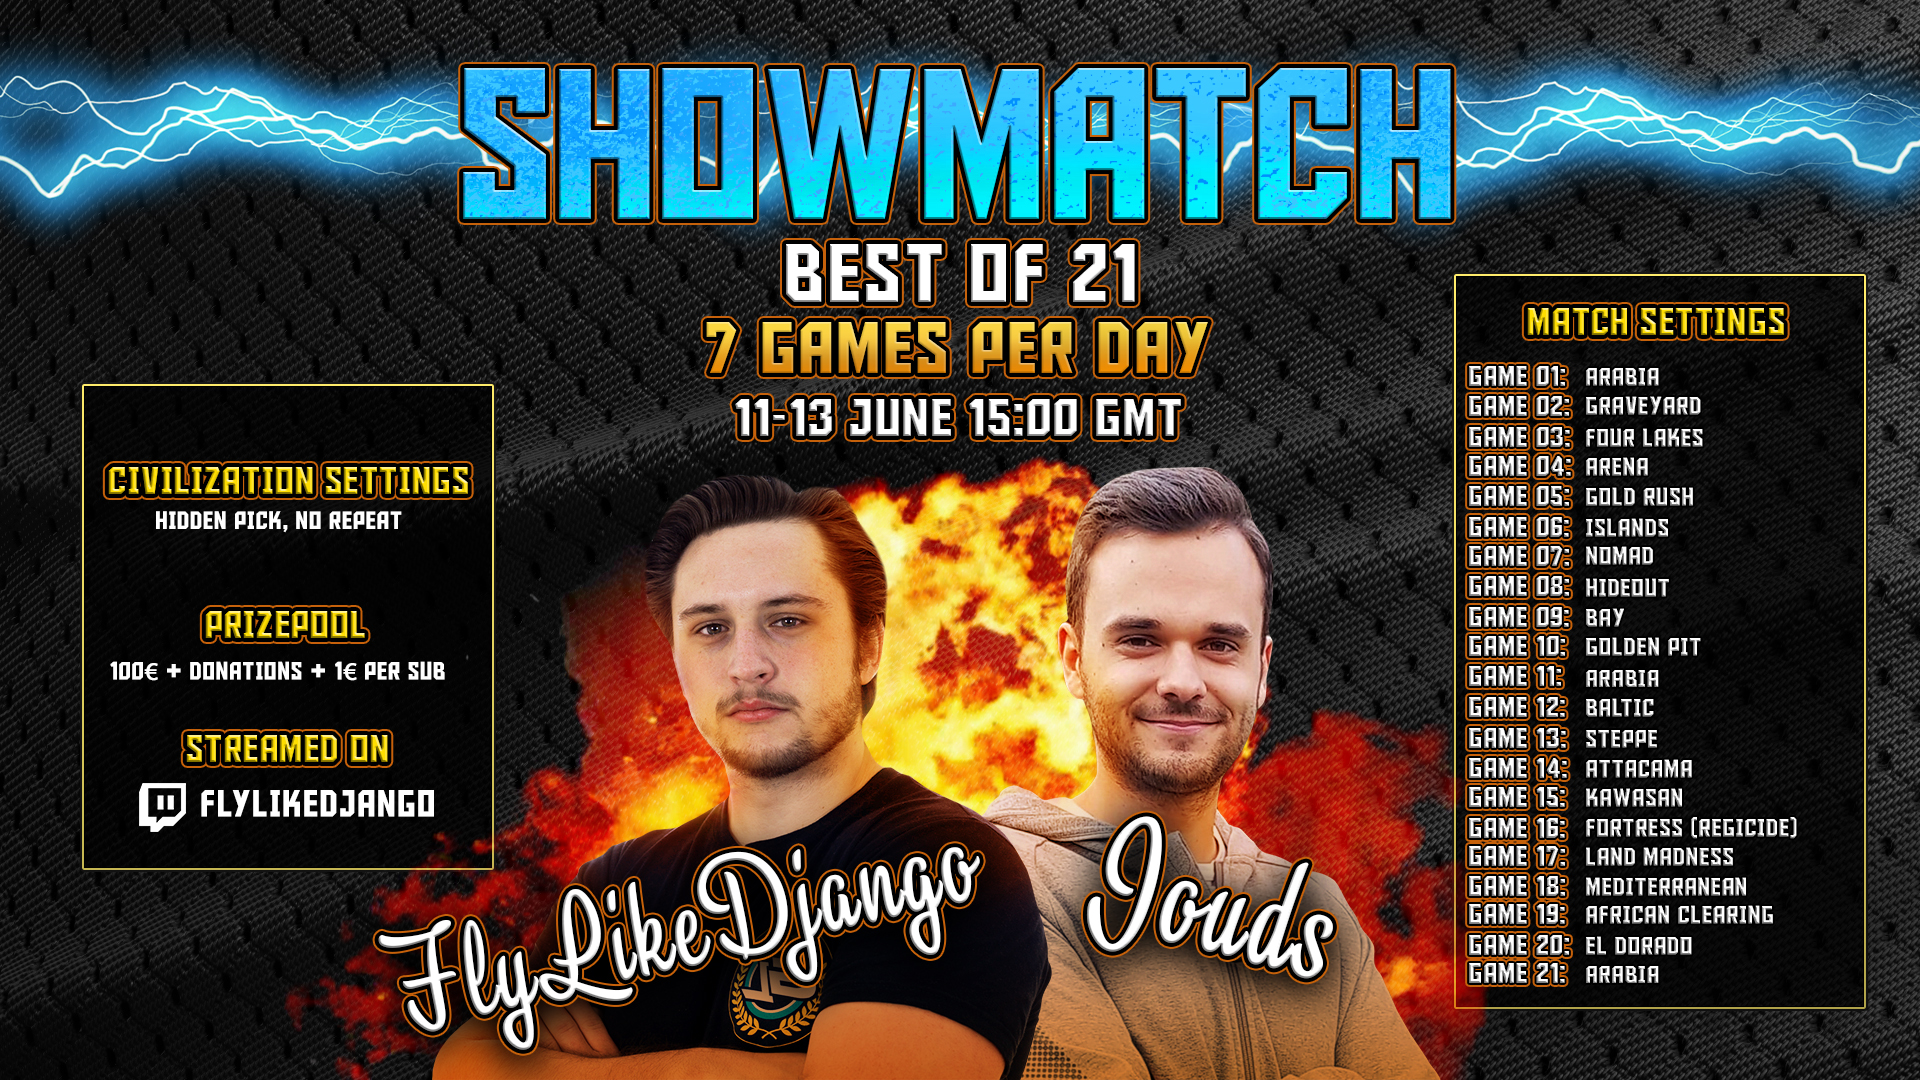 showmatch_bo21 (2).jpg